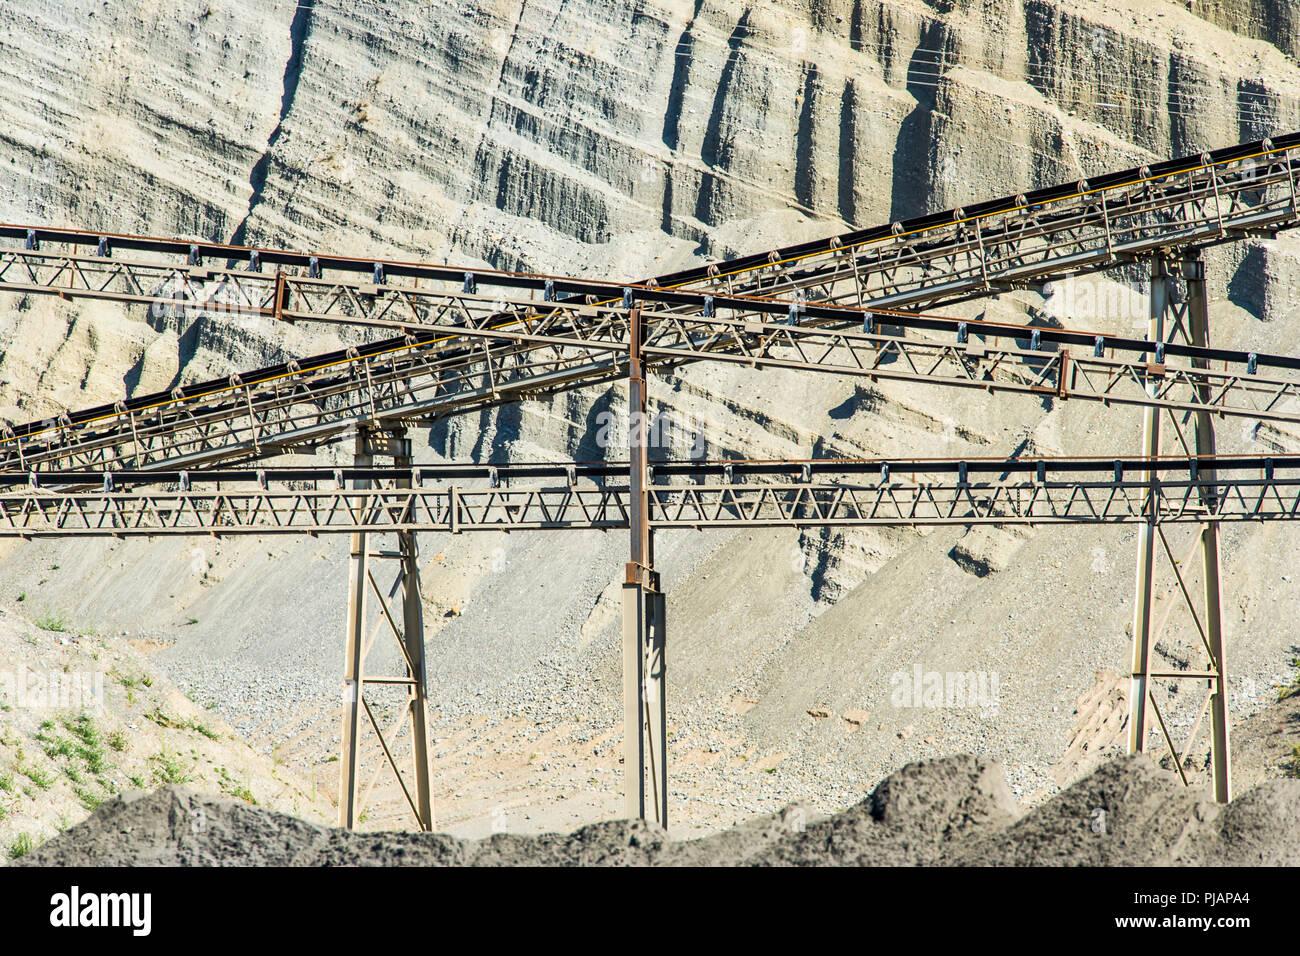 Camminamenti e nastri trasportatori in corrispondenza di una cava di ghiaia. Immagini Stock